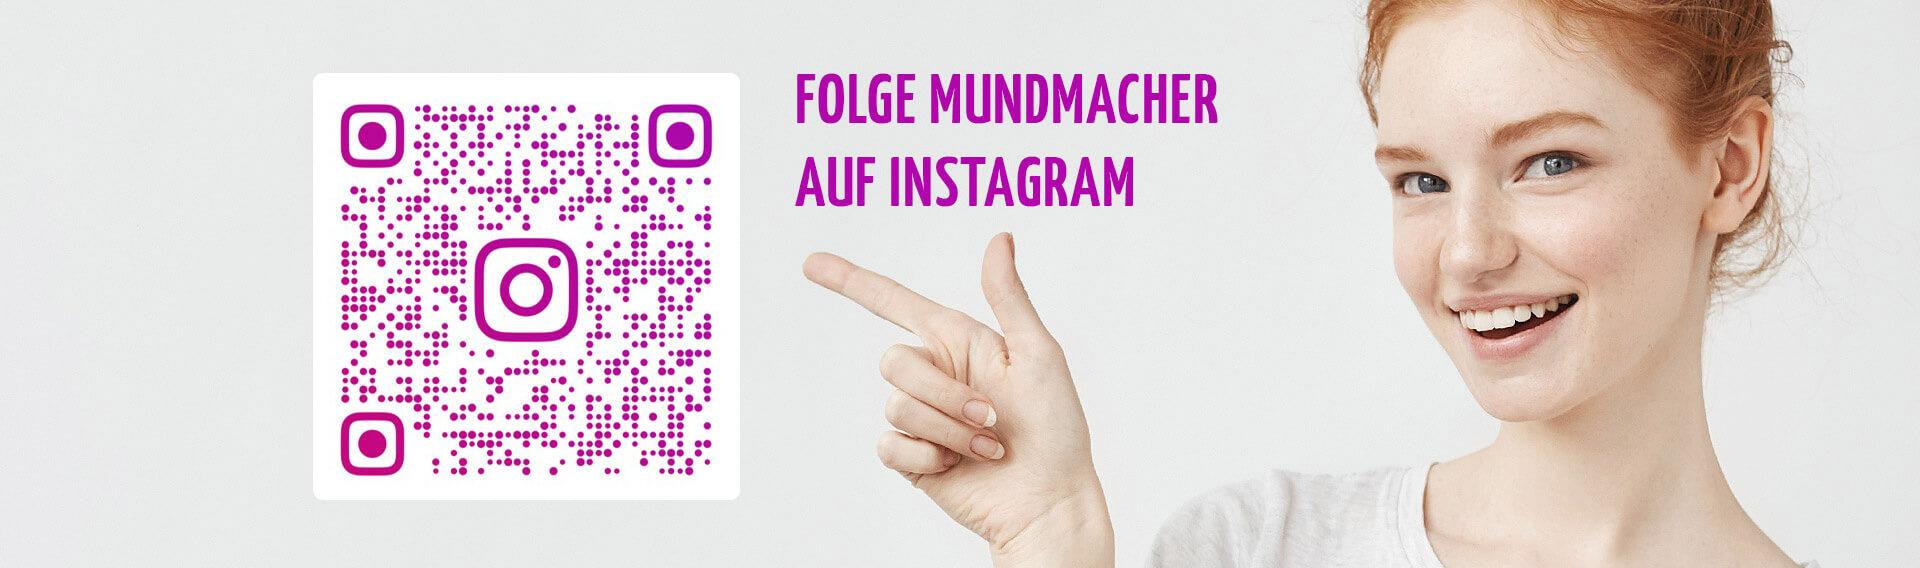 Mundmacher deine Kieferorthopäden in Salzgitter auf Instagram